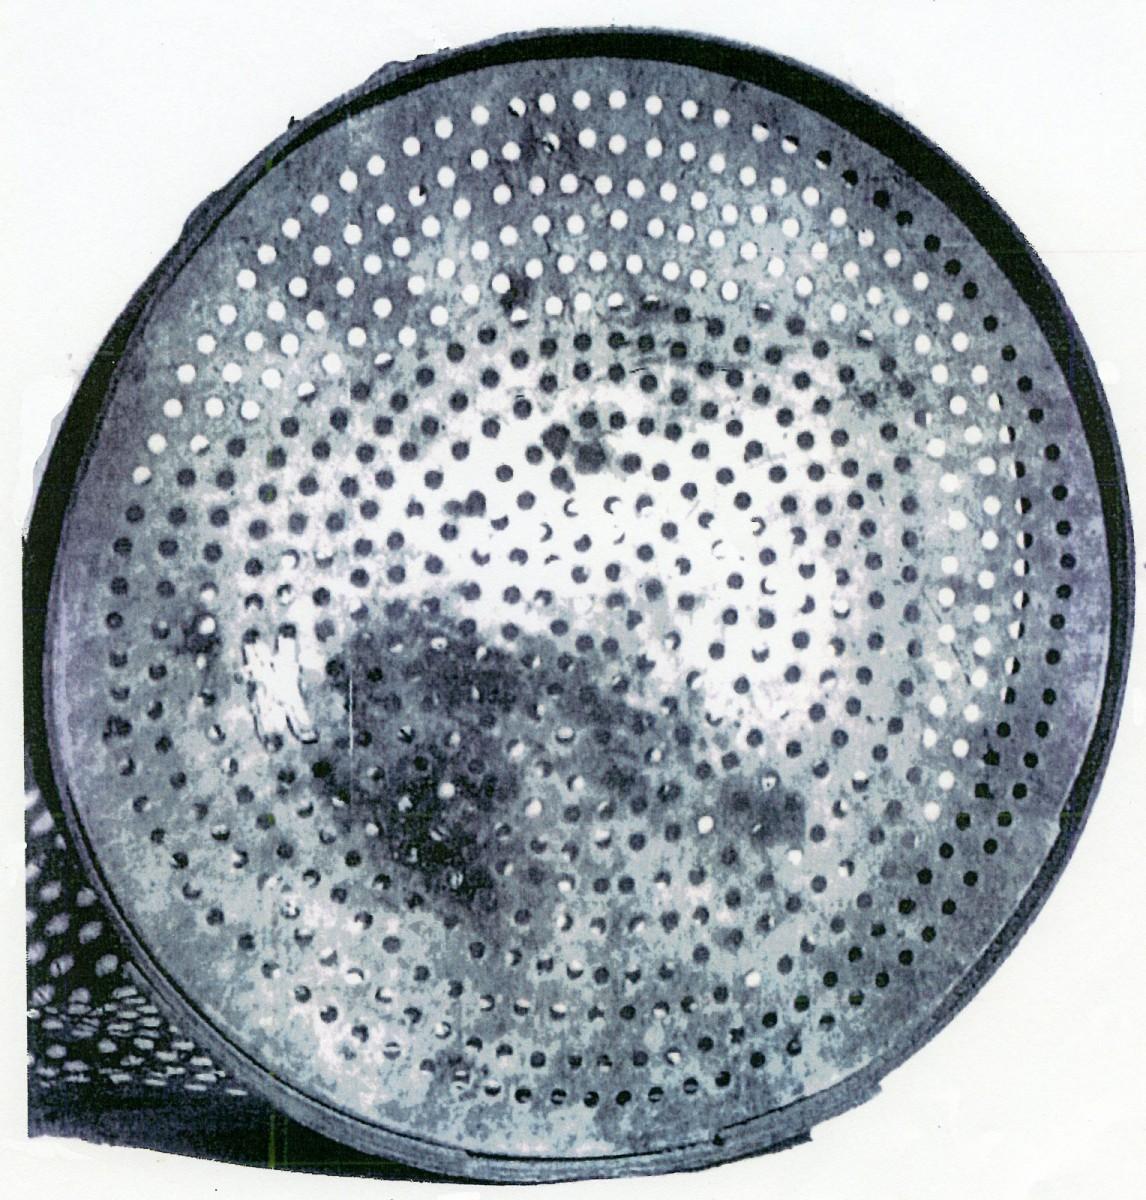 Εικ. 4. Δερμάτινος αλάργος για την απασχόληση των Καλικαντζάρων από την Κίμωλο (εικόνα από το βιβλίο των Ζαφείρη Βάου και Στέφανου Νομικού, «Ο ανεμόμυλος στις Κυκλάδες»).